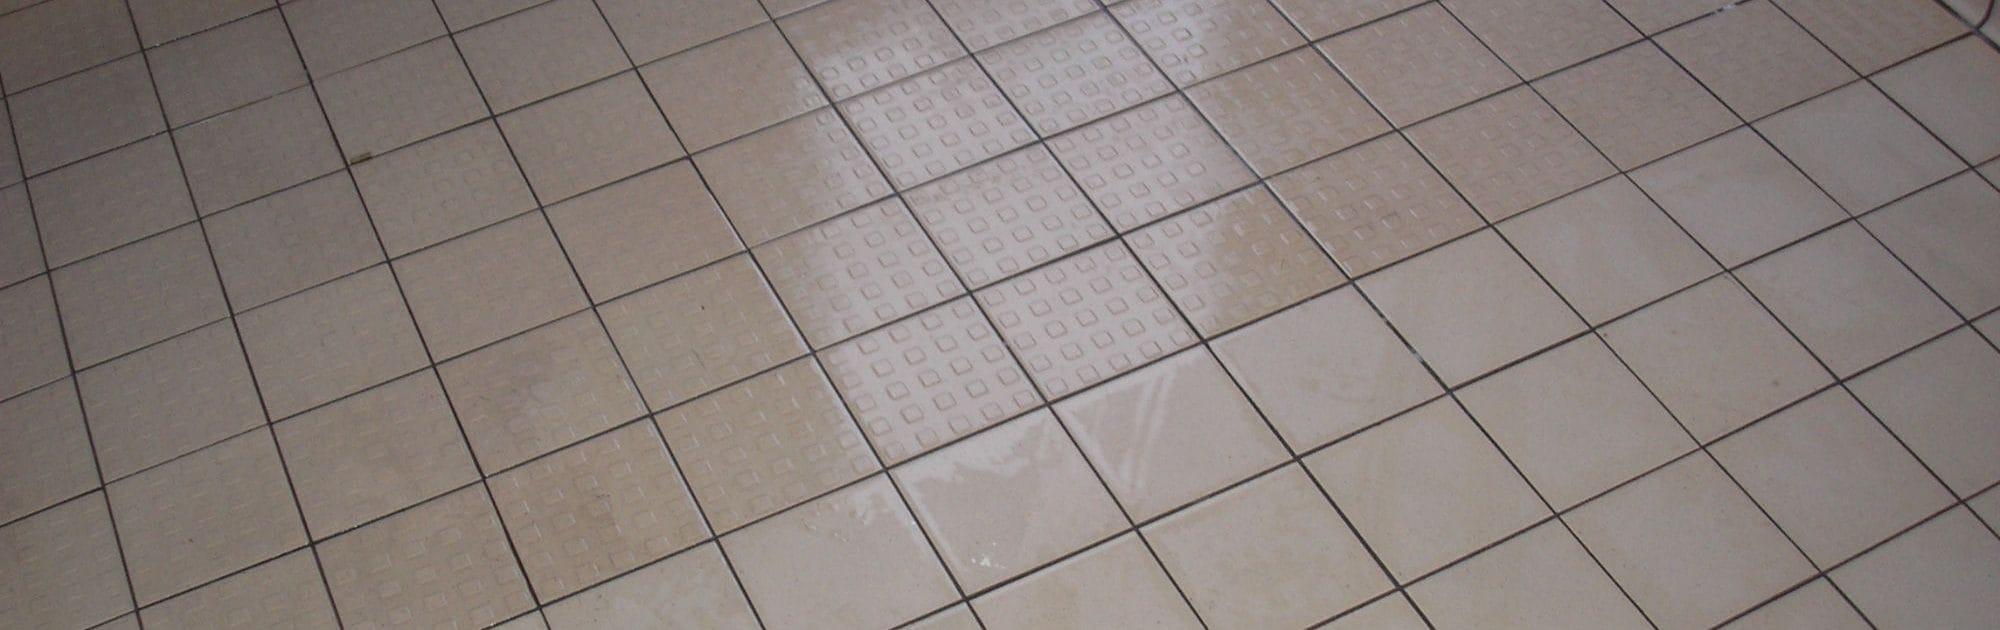 tiled after